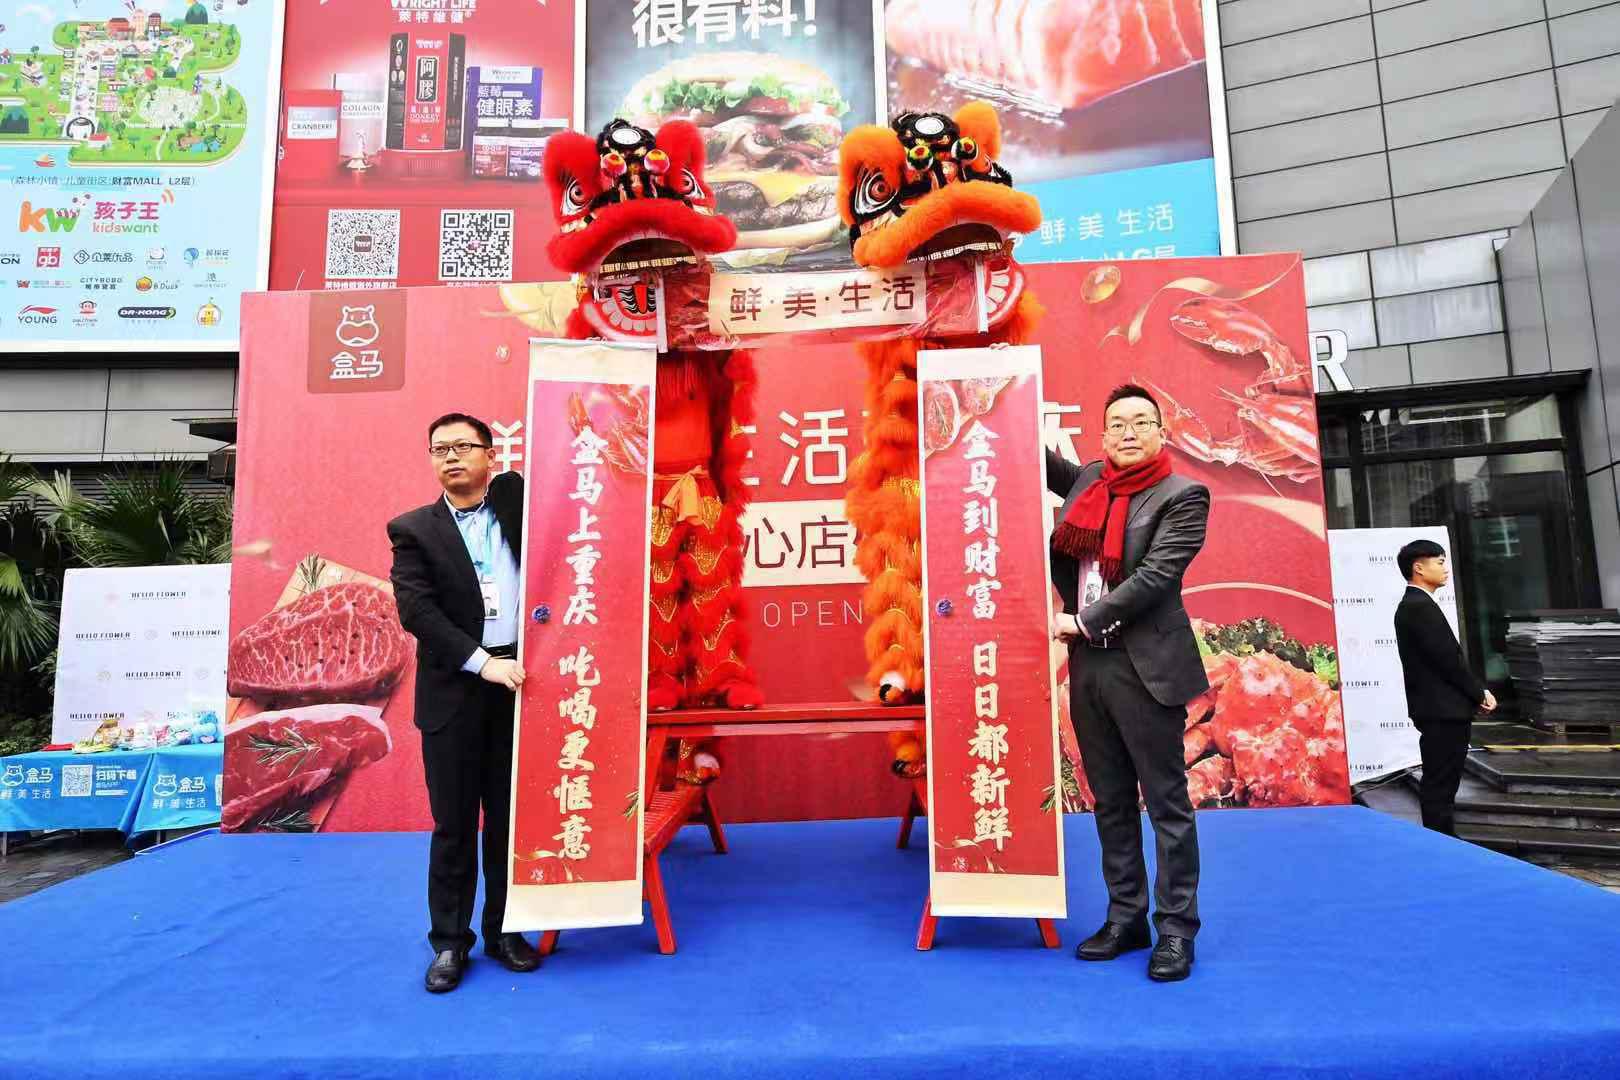 快讯:盒马鲜生落户重庆财富购物中心 焕新开业 !